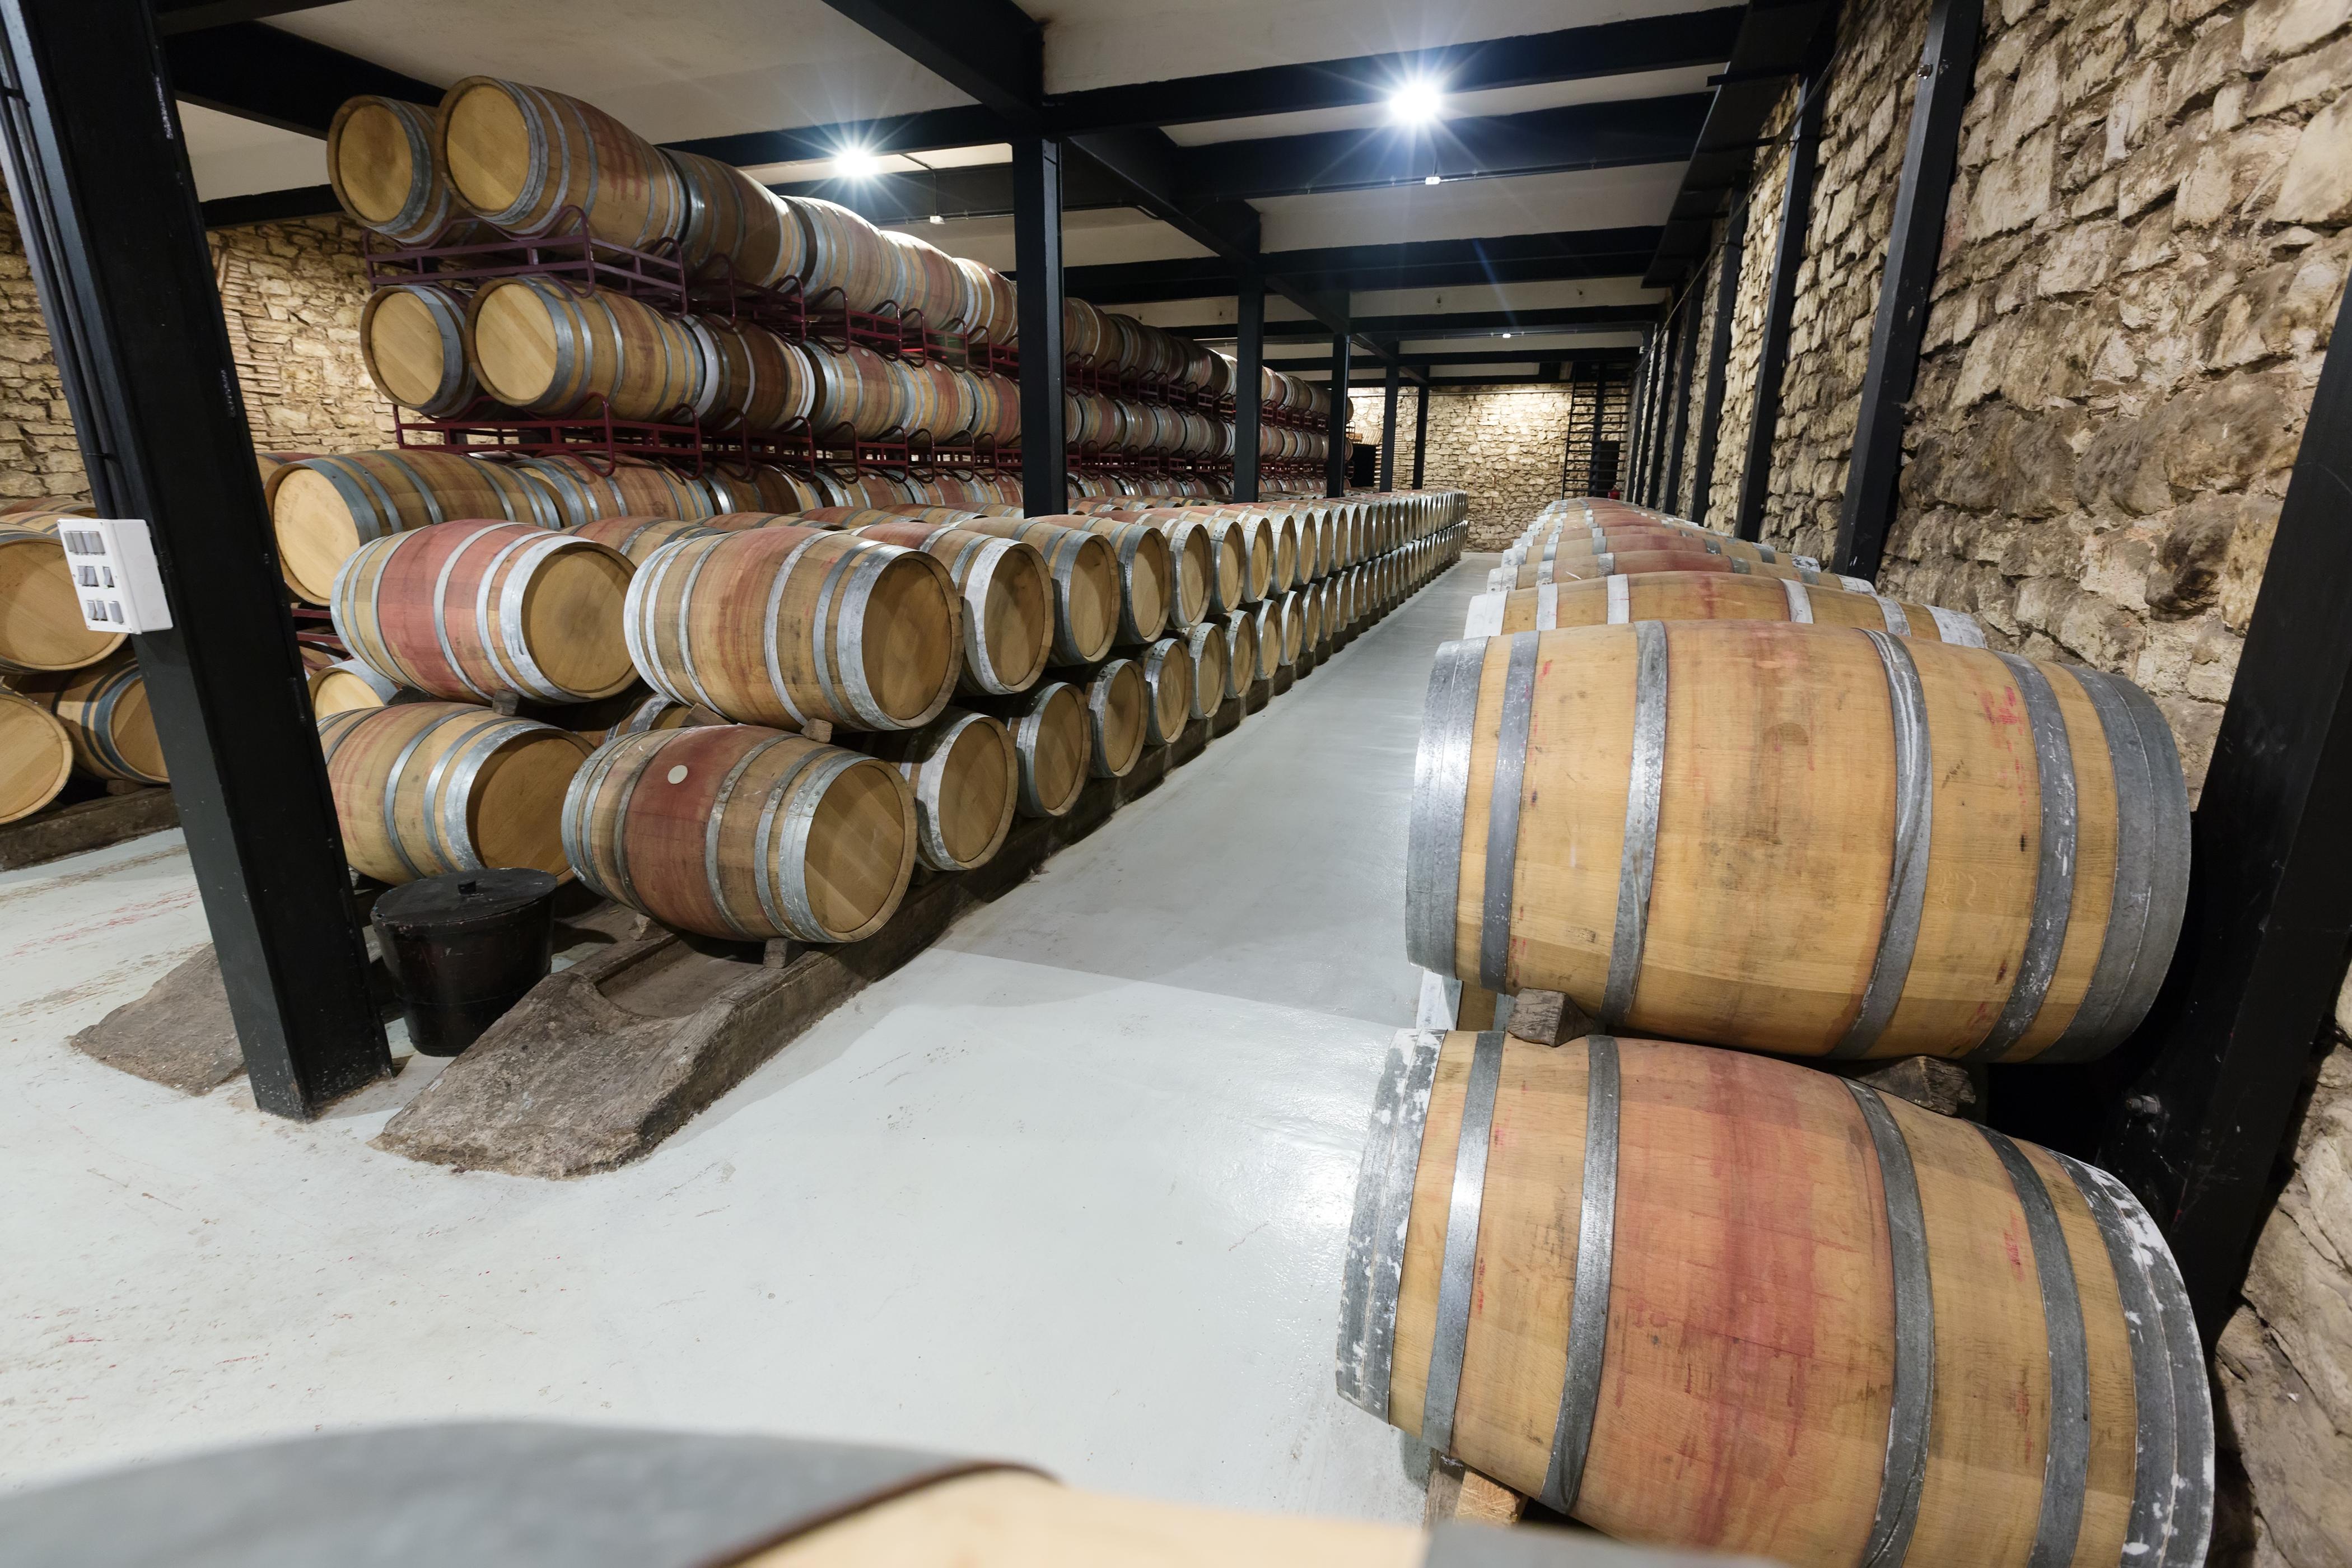 Mi kell a tökéletes borospincéhez?